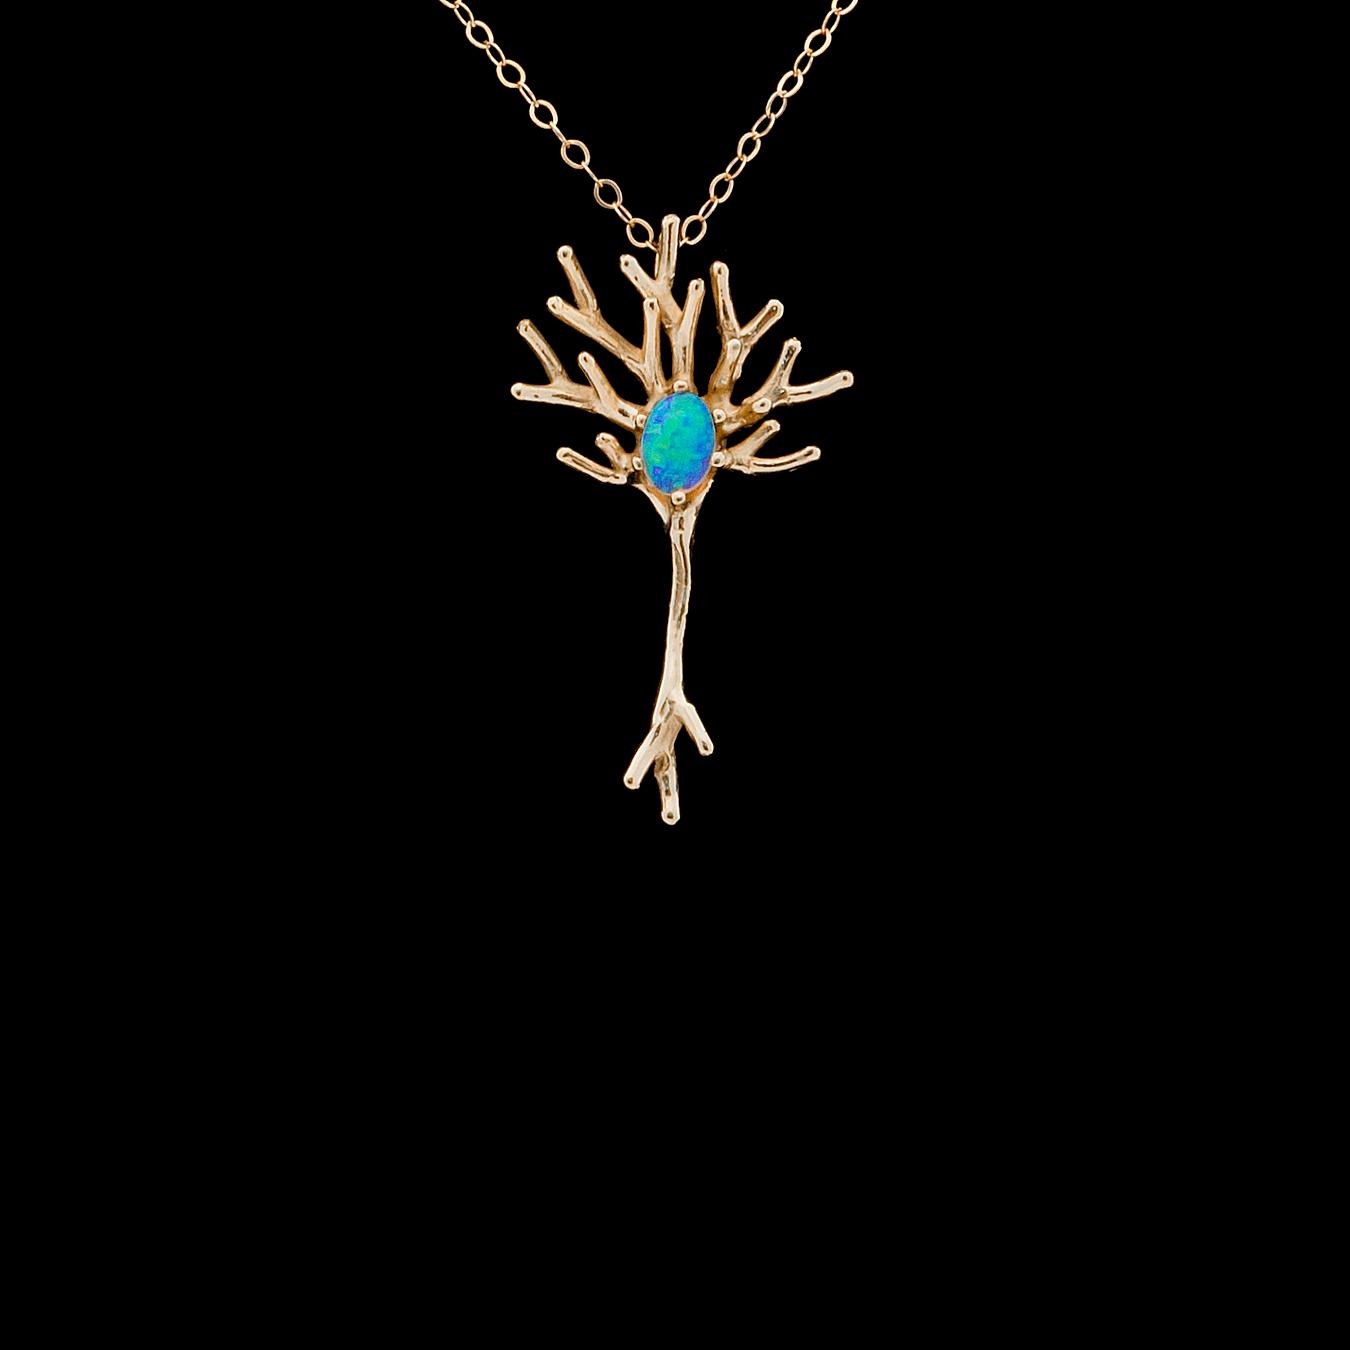 Neuron Pendant | Yellow gold, opal.